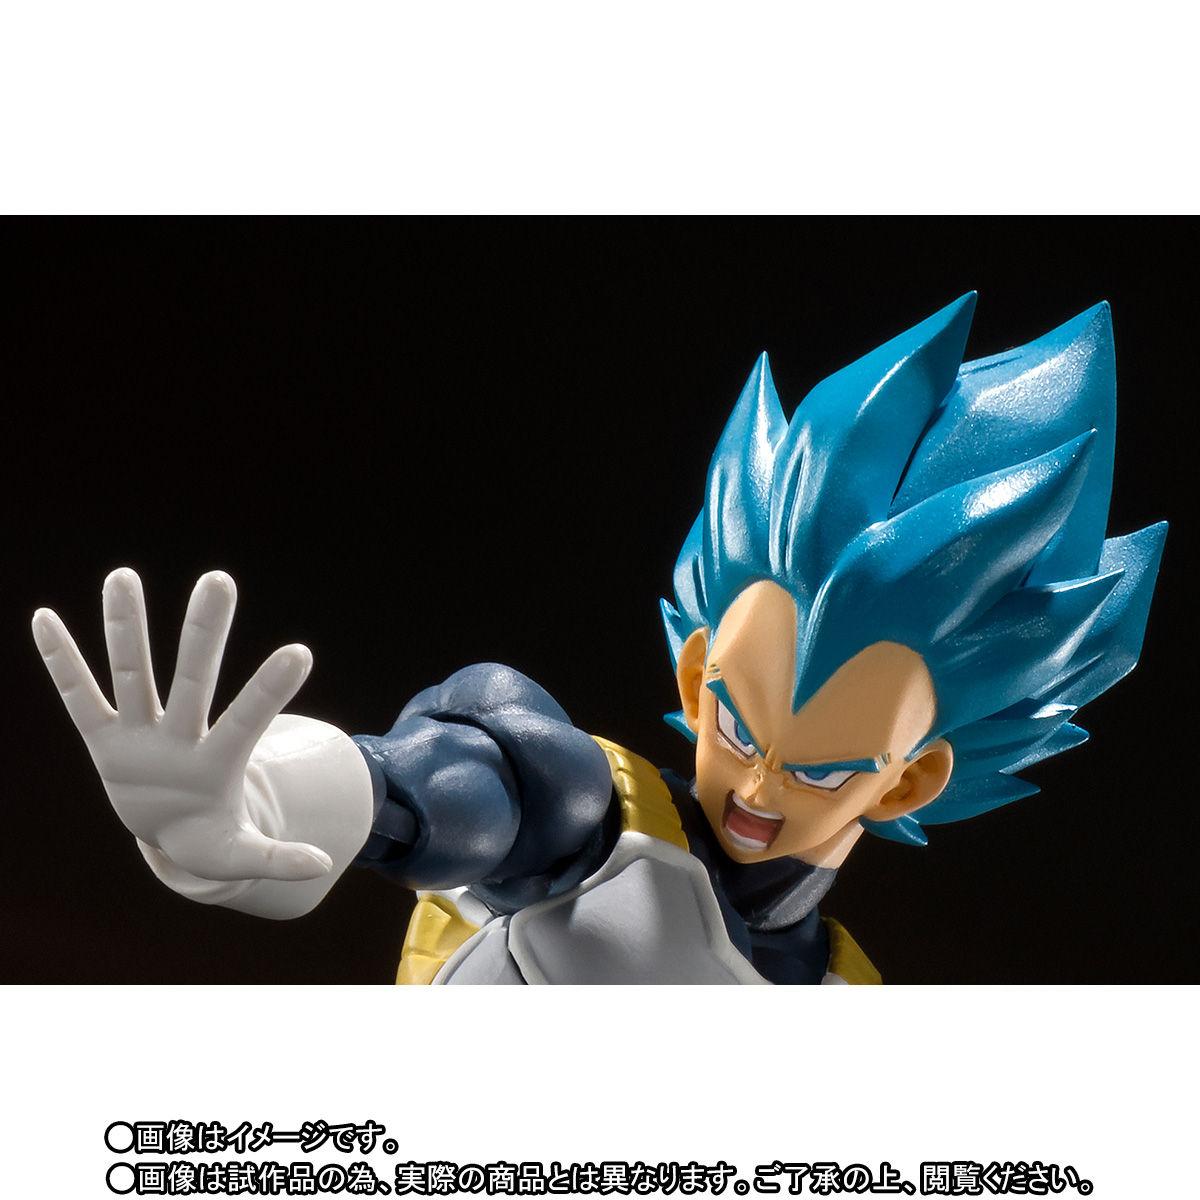 S.H.フィギュアーツ『スーパーサイヤ人ゴッドスーパーサイヤ人 ベジータ-超-』ドラゴンボール超 可動フィギュア-002